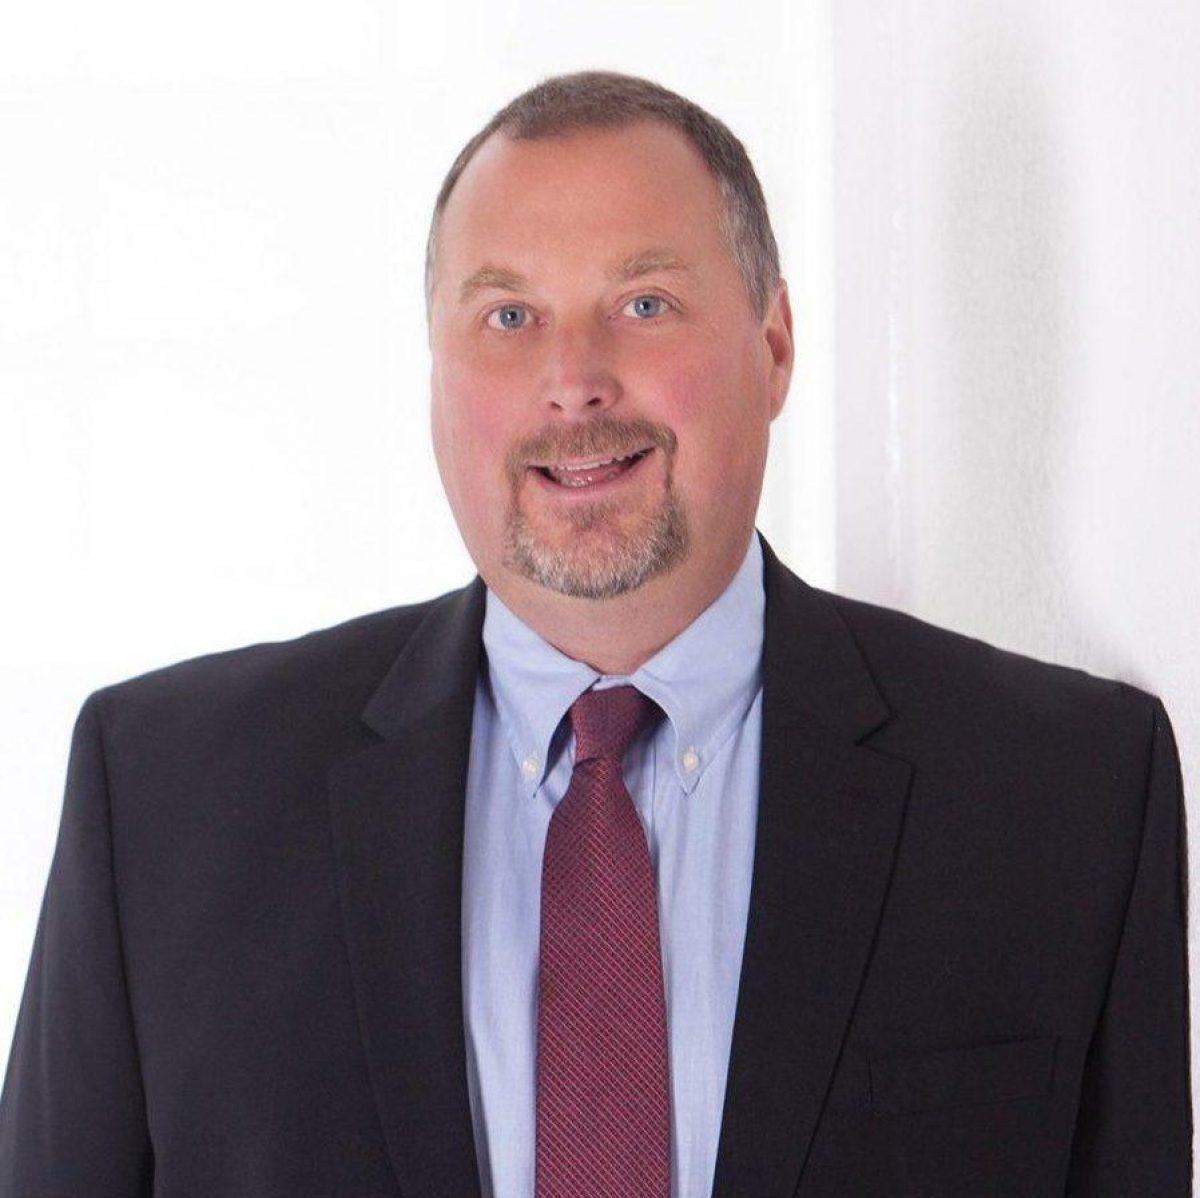 Eric Hauserman